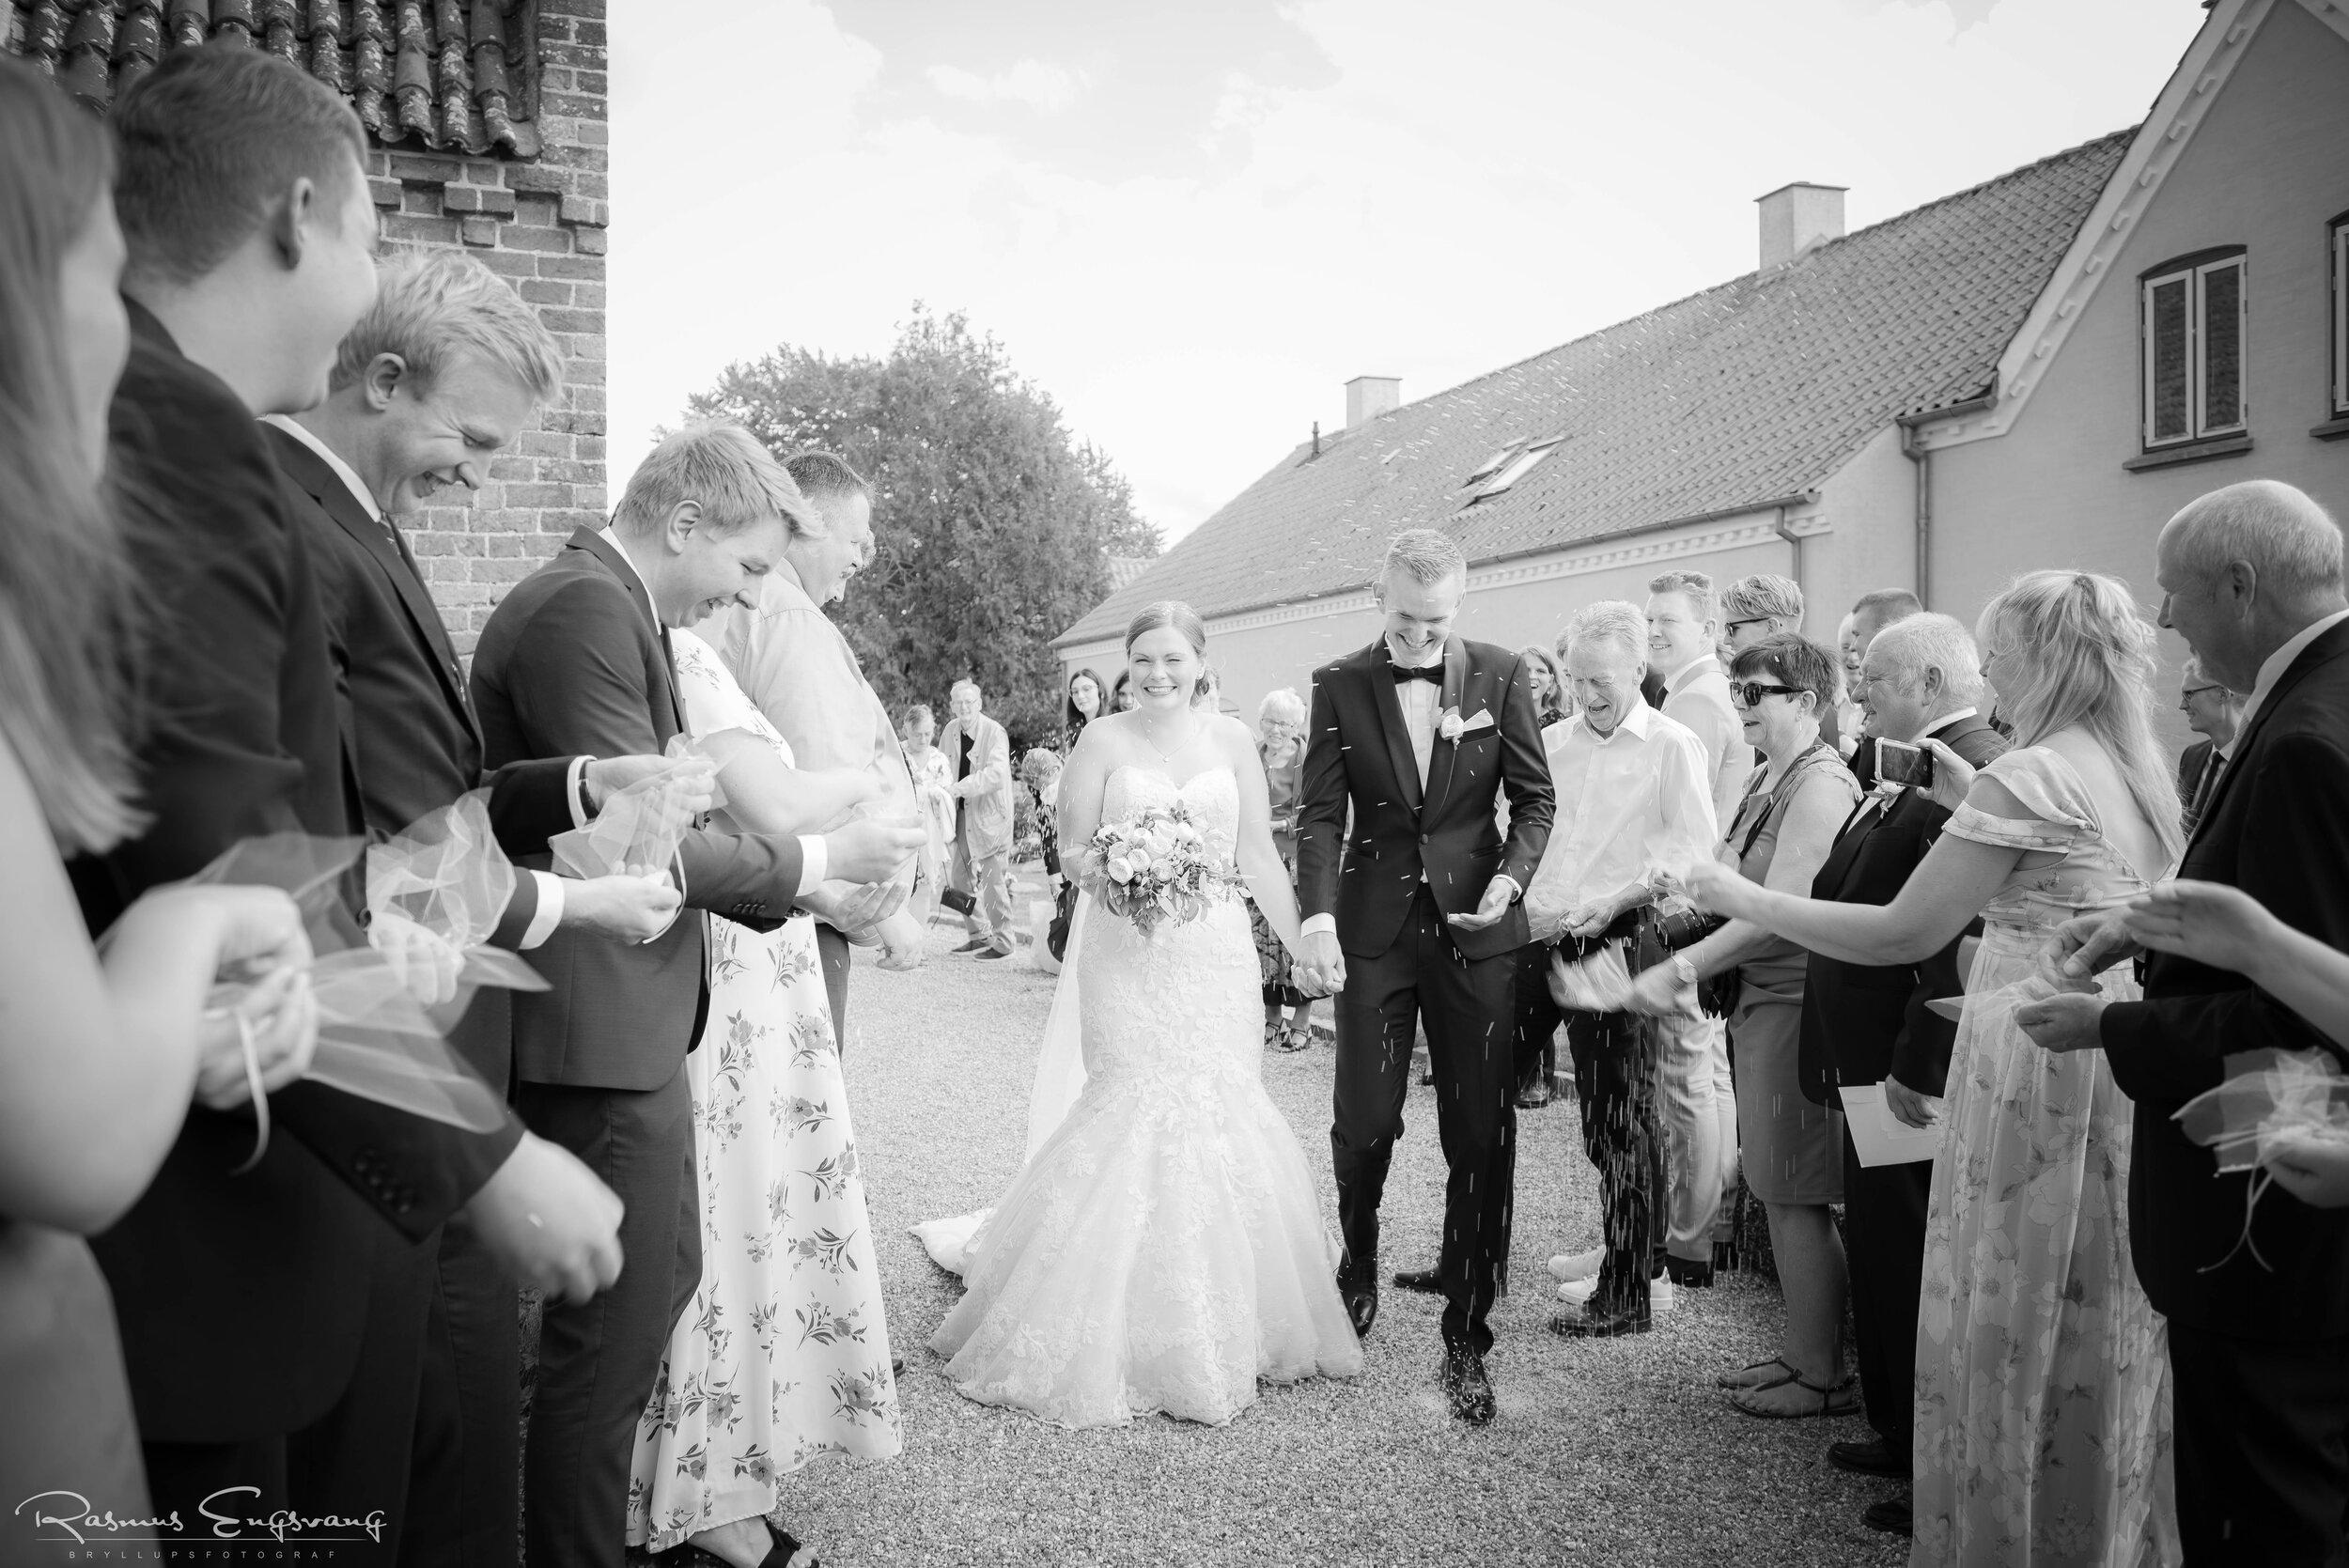 Bryllupsfotograf_Sjælland_Humleorehus_Vigersted-113.jpg